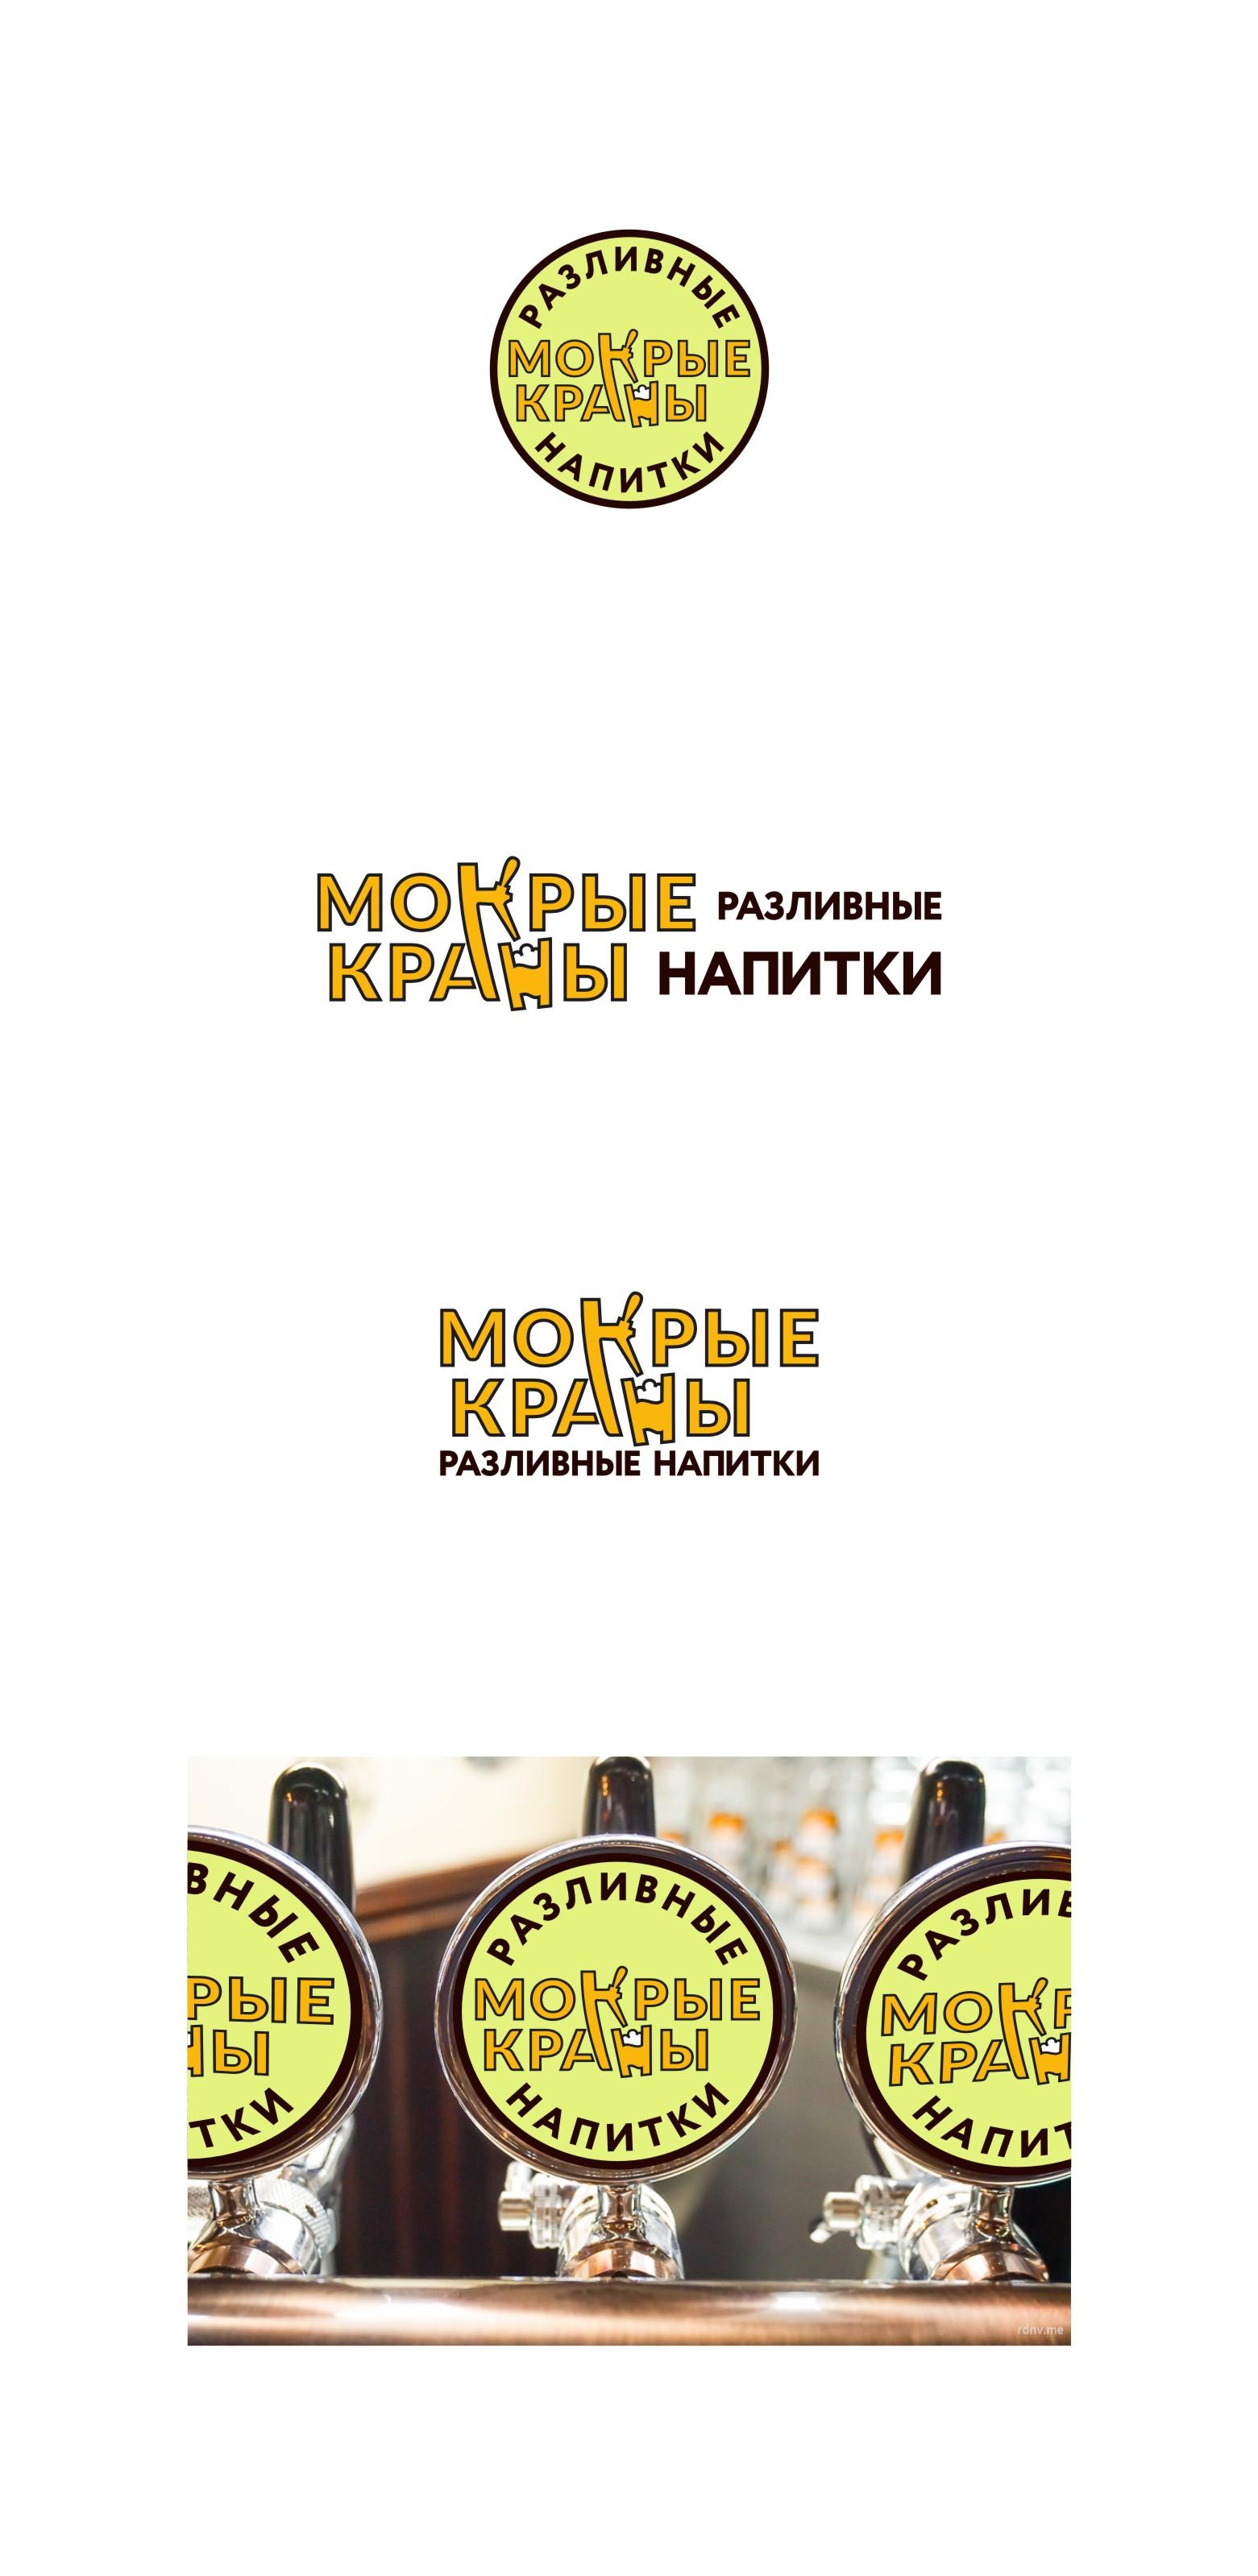 Вывеска/логотип для пивного магазина фото f_92260202697a4094.jpg